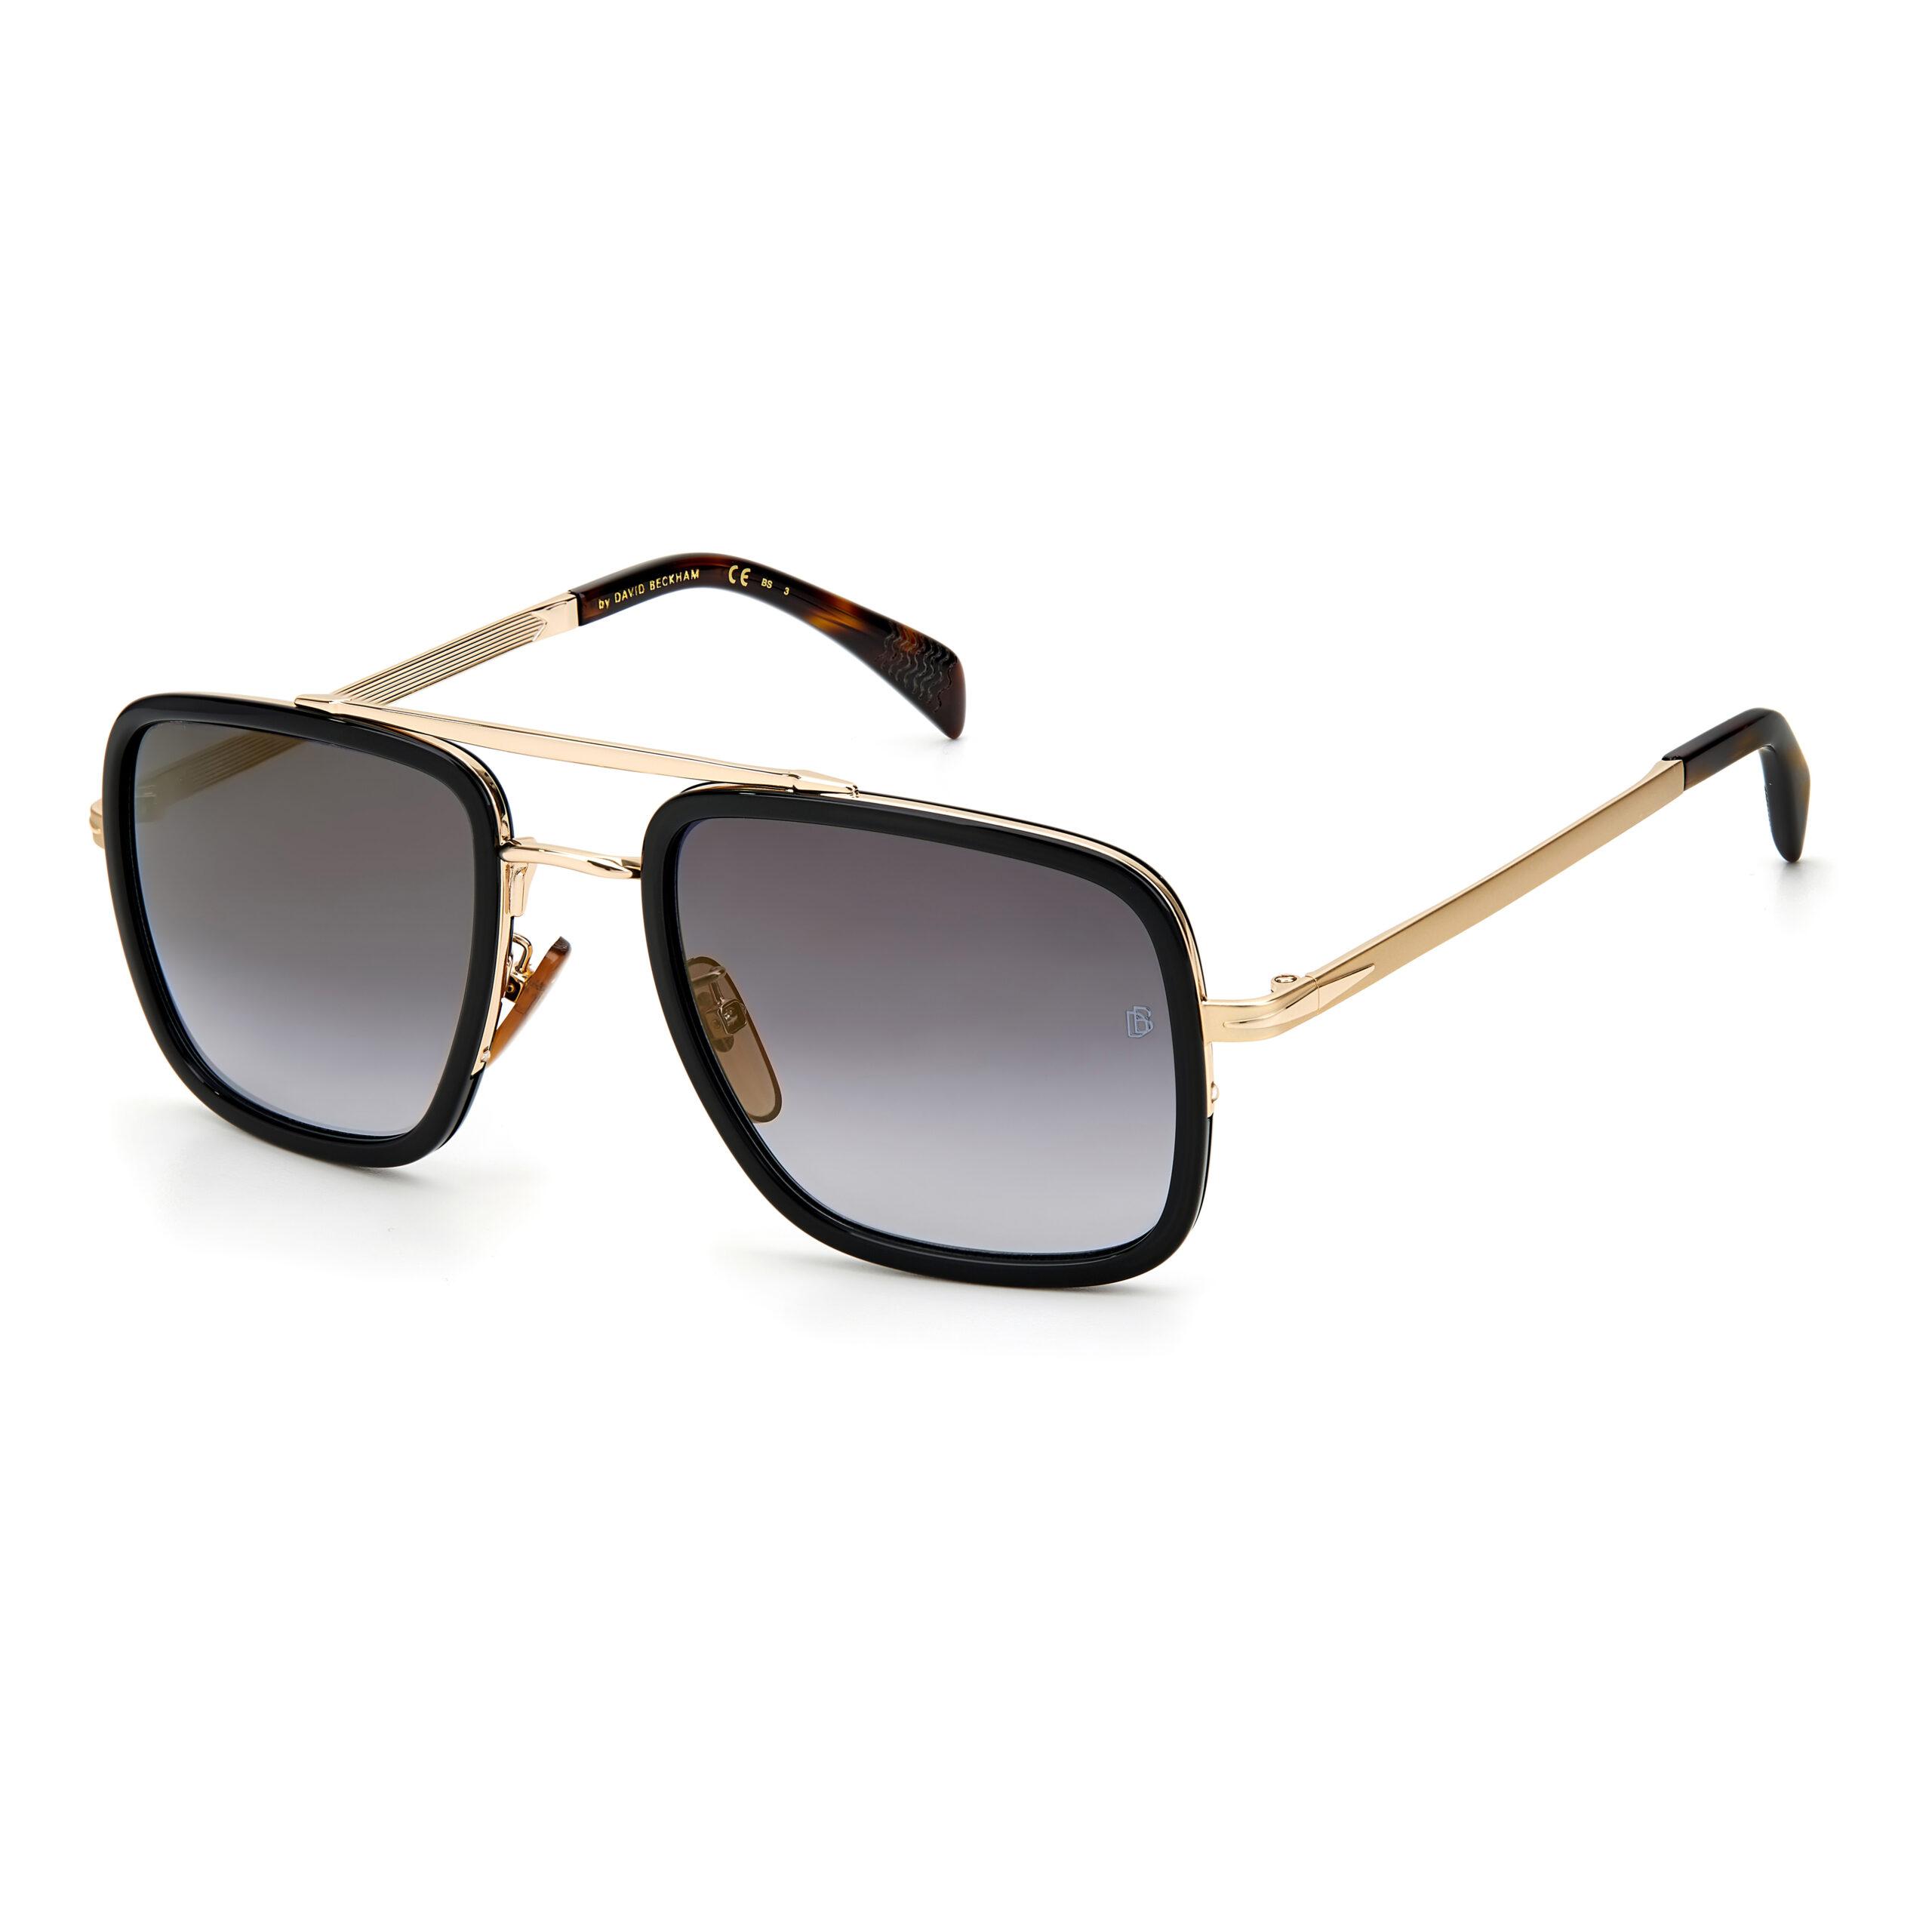 David Beckham 7002S sunglasses • Frames and Faces